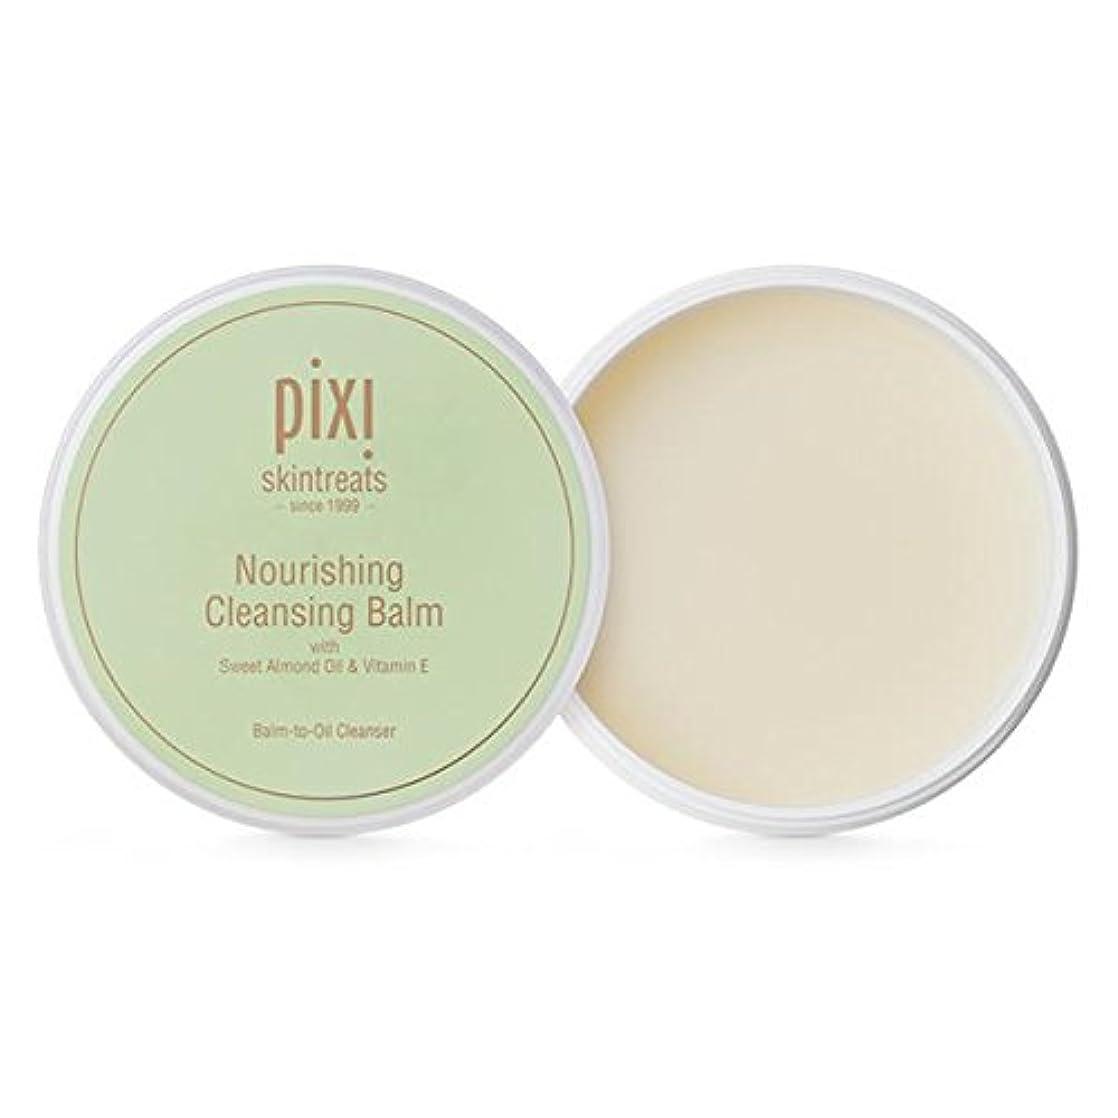 かる祈り高さPixi - Nourishing Cleansing Balm [並行輸入品]